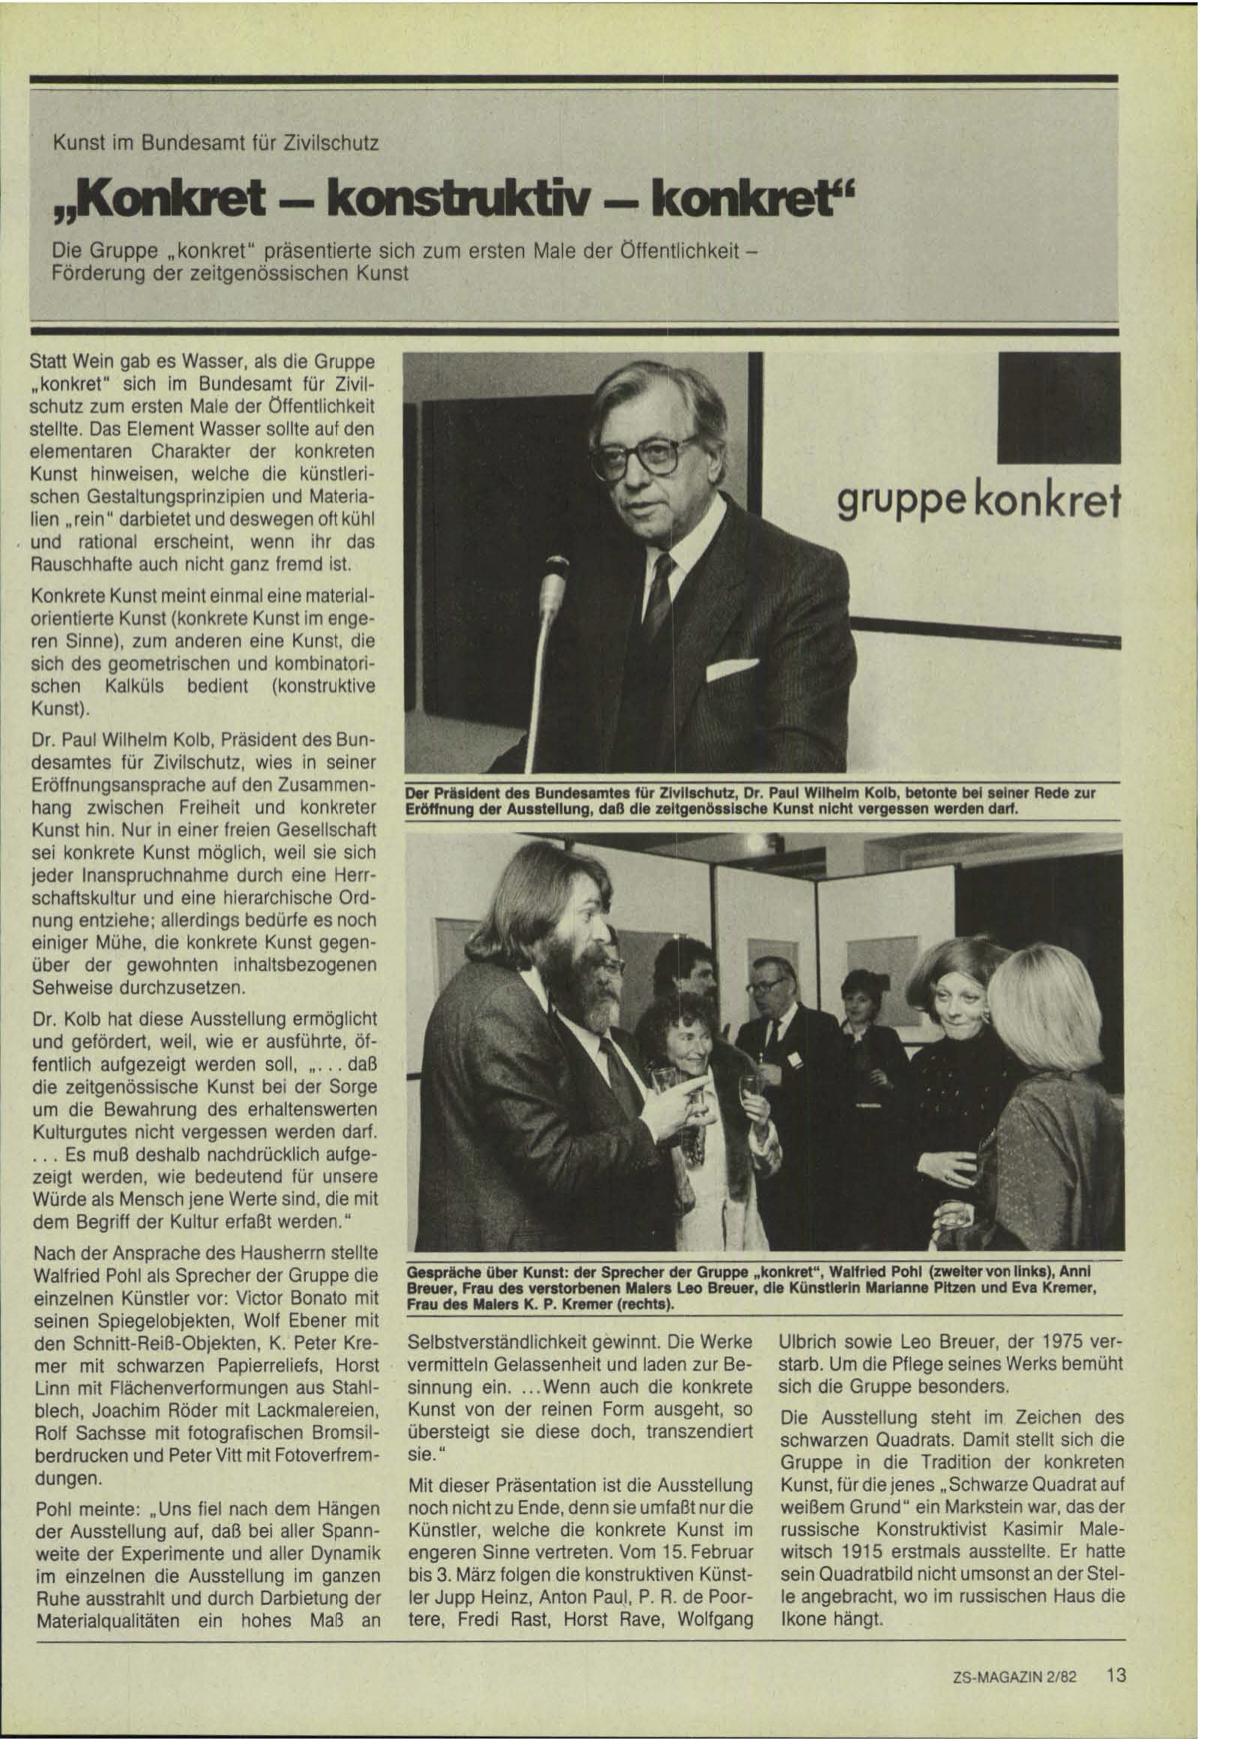 Bundesamt für Zivilschutz 1982